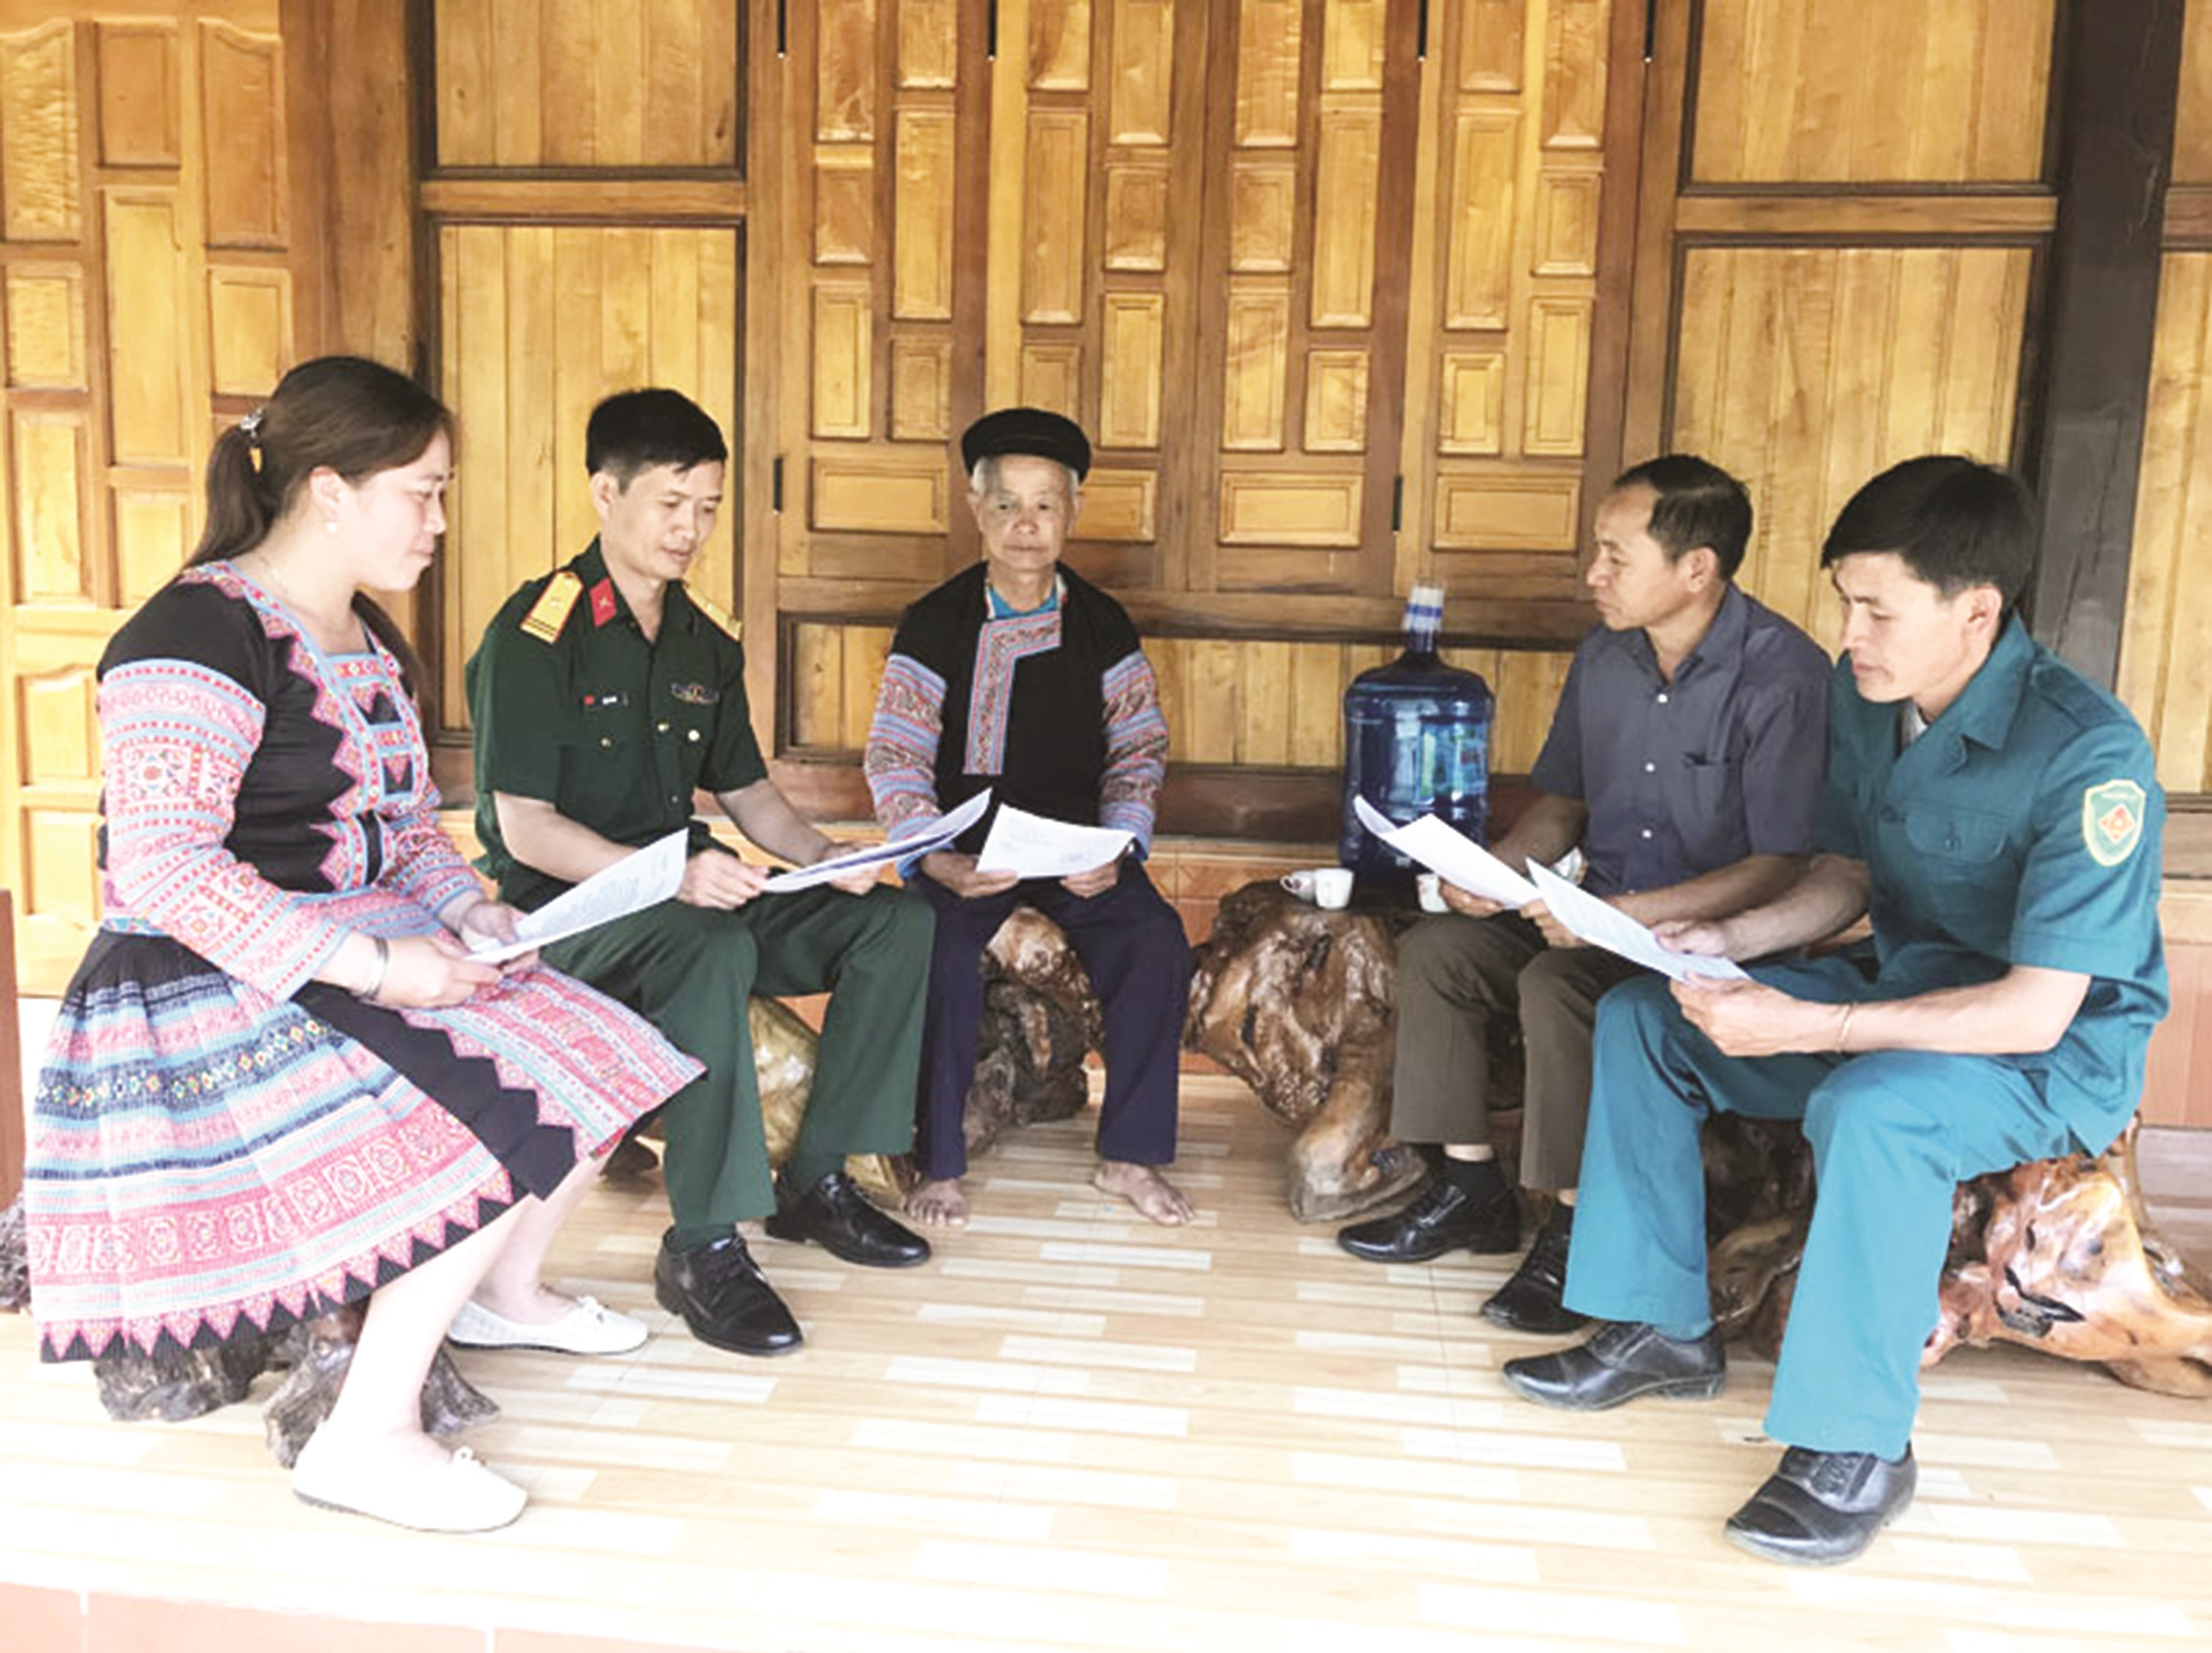 Thiếu tá Hàng A Phứ (thứ 2 bên trái) và Trung tá Sùng A Chua (thứ 2 bên phải) tuyên truyền vận động người dân xây dựng đời sống văn hóa tại cơ sở.